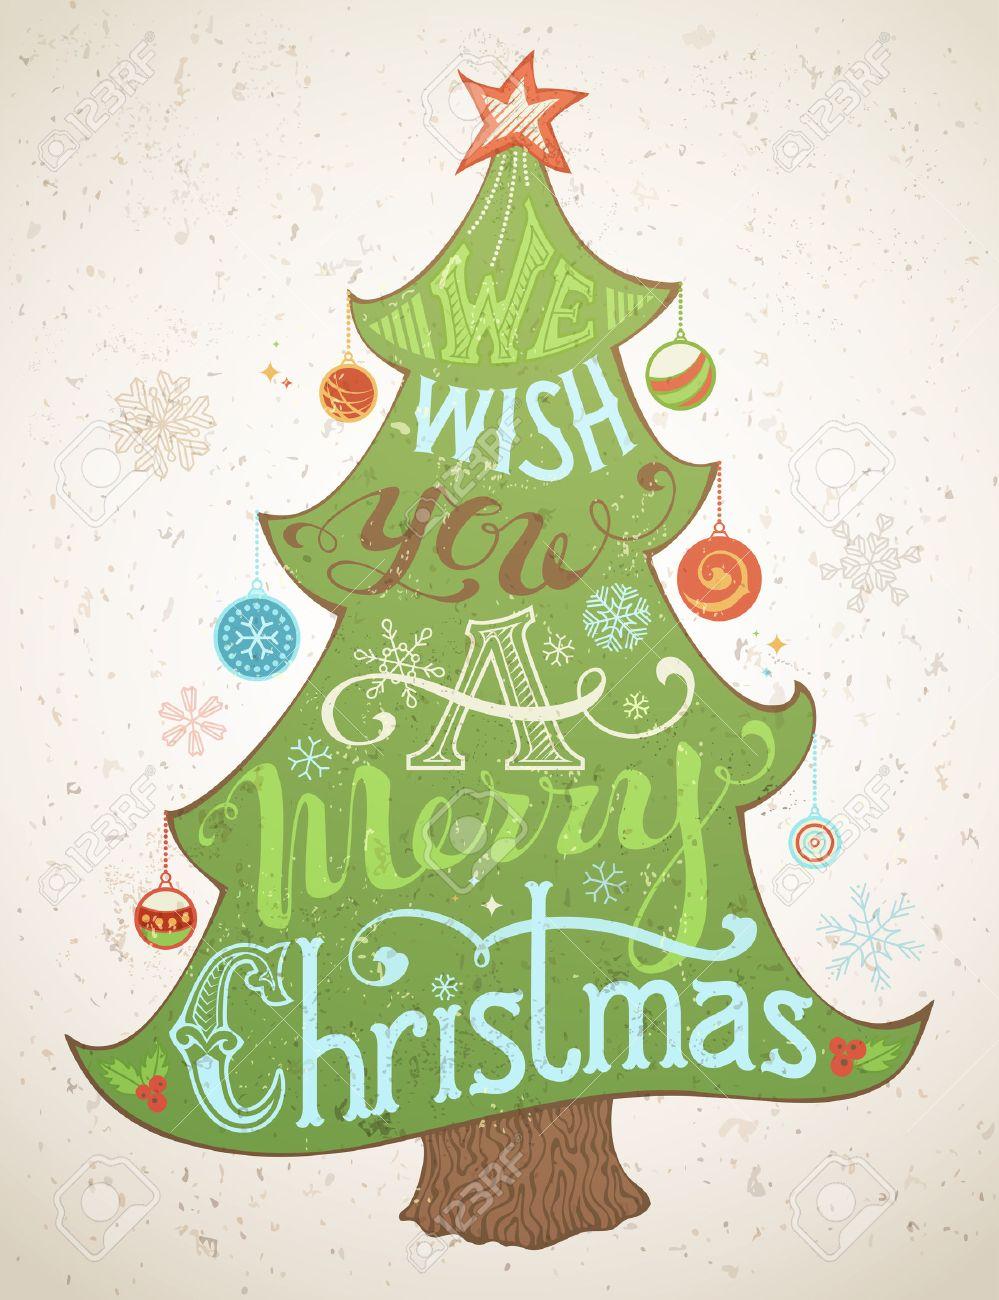 我々 はあなたにメリー クリスマスをしましたクリスマス ツリー メリー クリスマスの文字手書きテキストホリー ベリークリスマス ボール雪クリスマス ツリーの上に 4 つ星